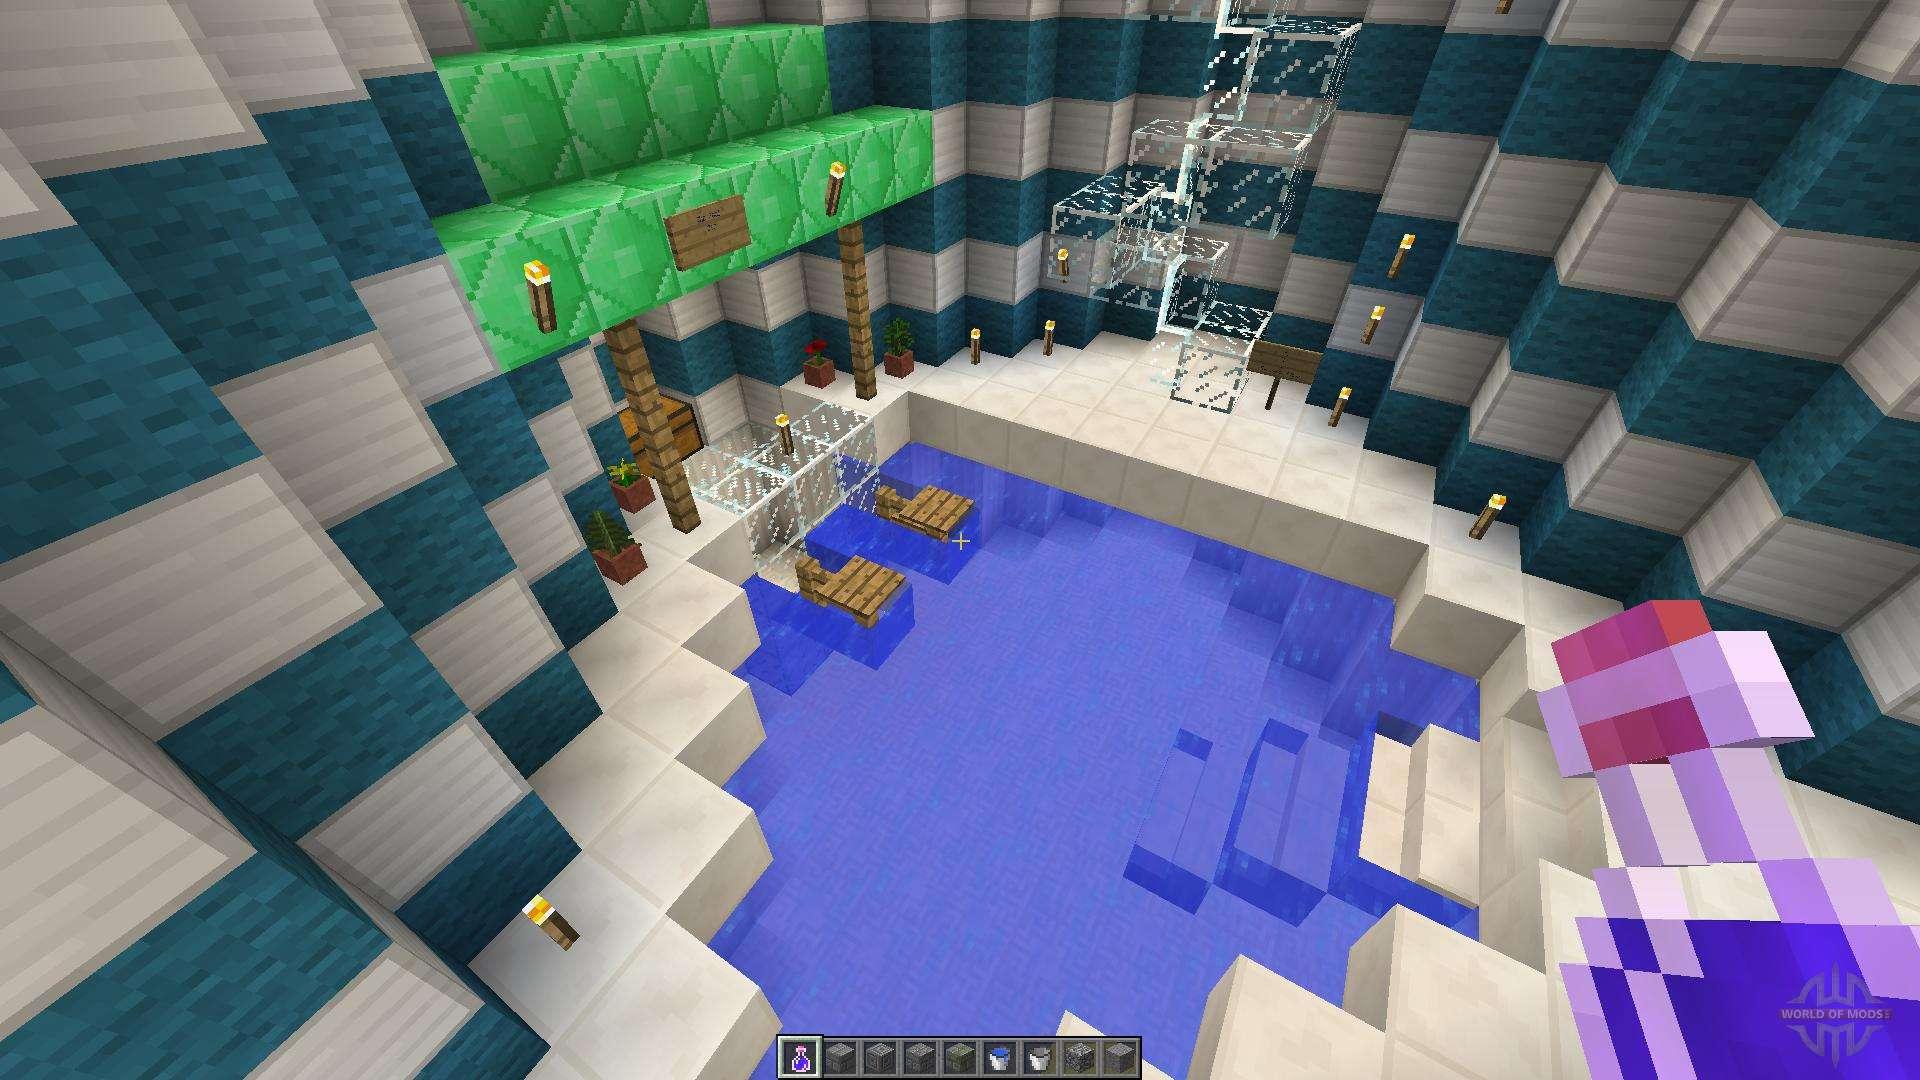 Wondrous Night Club Big Splash For Minecraft Download Free Architecture Designs Scobabritishbridgeorg